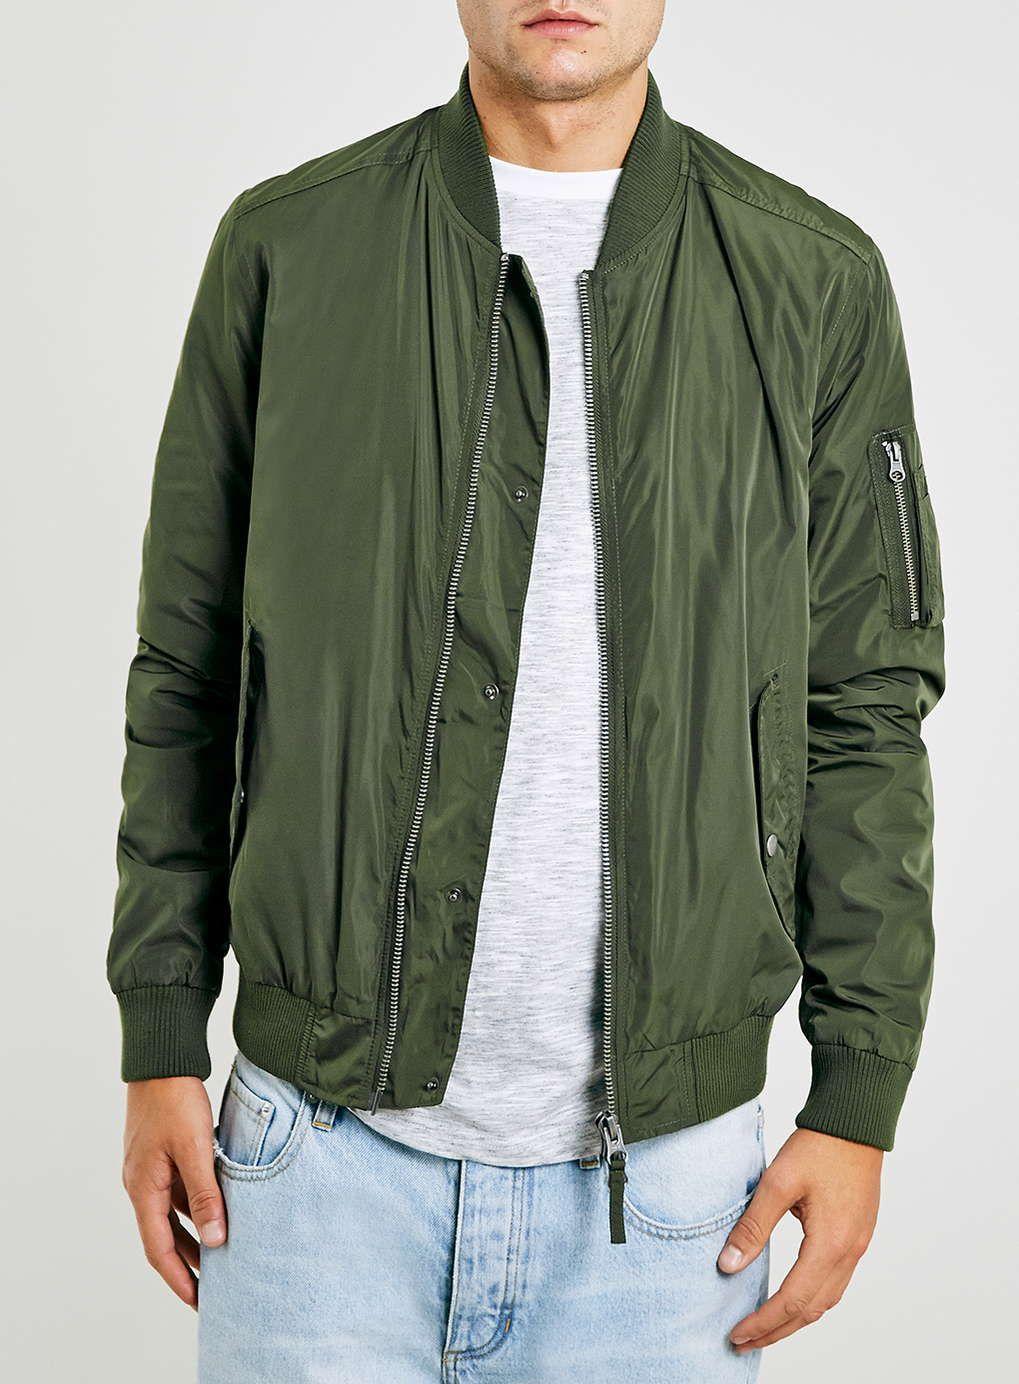 Khaki Bomber Jacket Bomber jacket, Olive bomber jacket